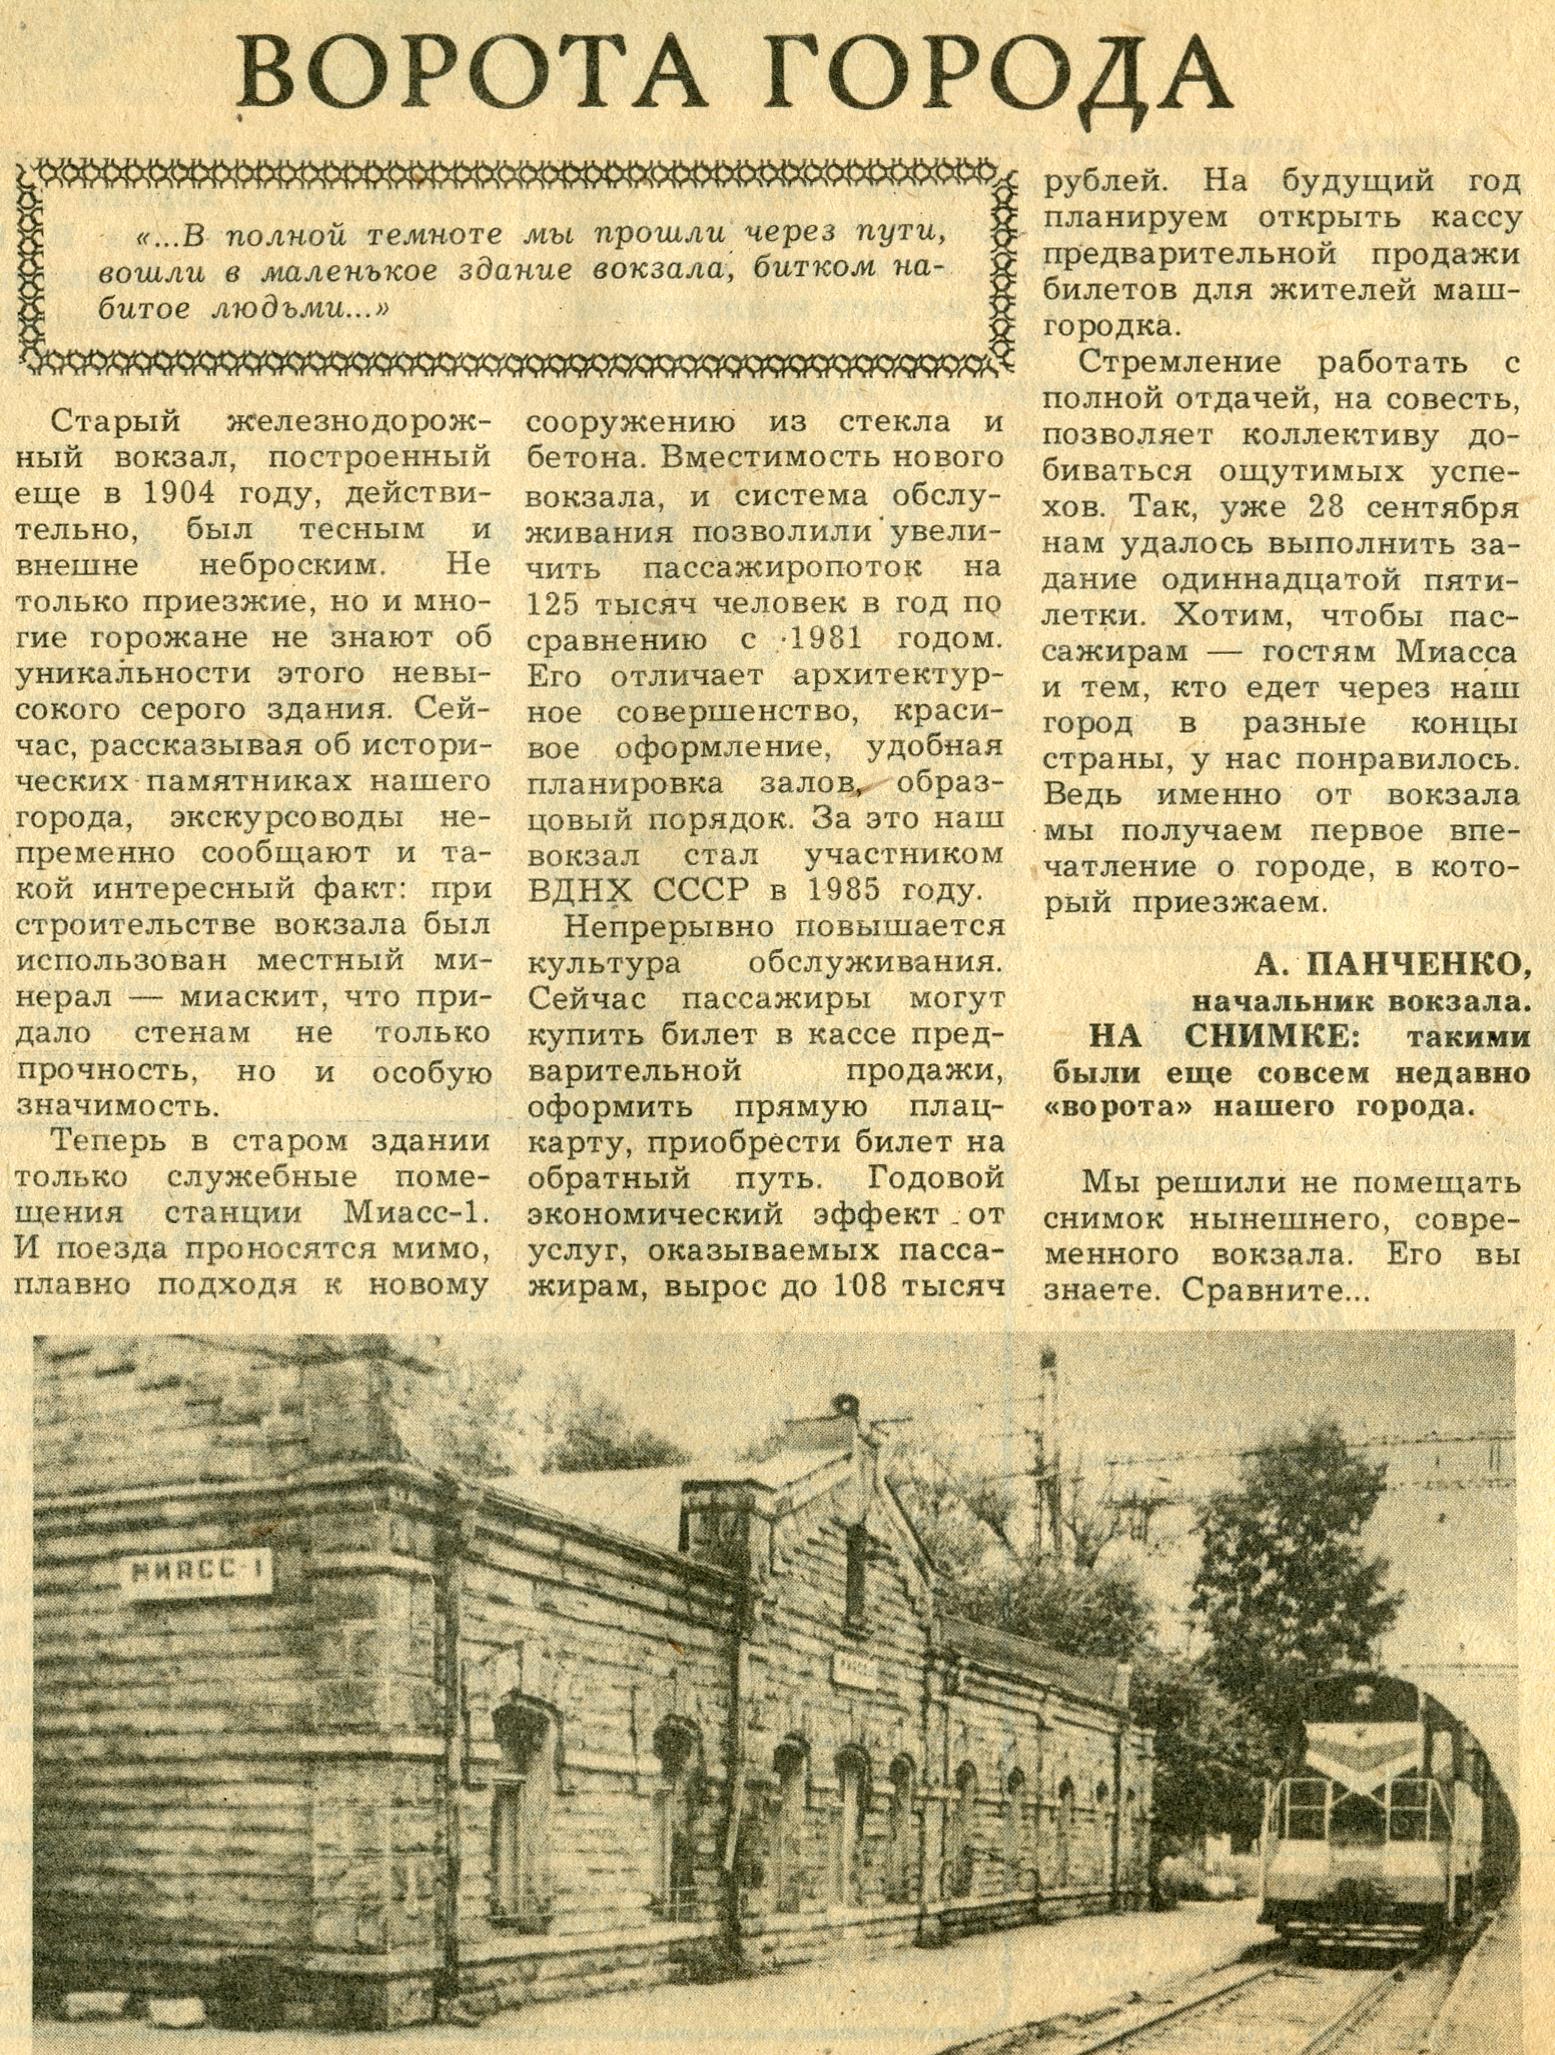 """Газета """"Миасский рабочий"""", 16 ноября 1985 года"""